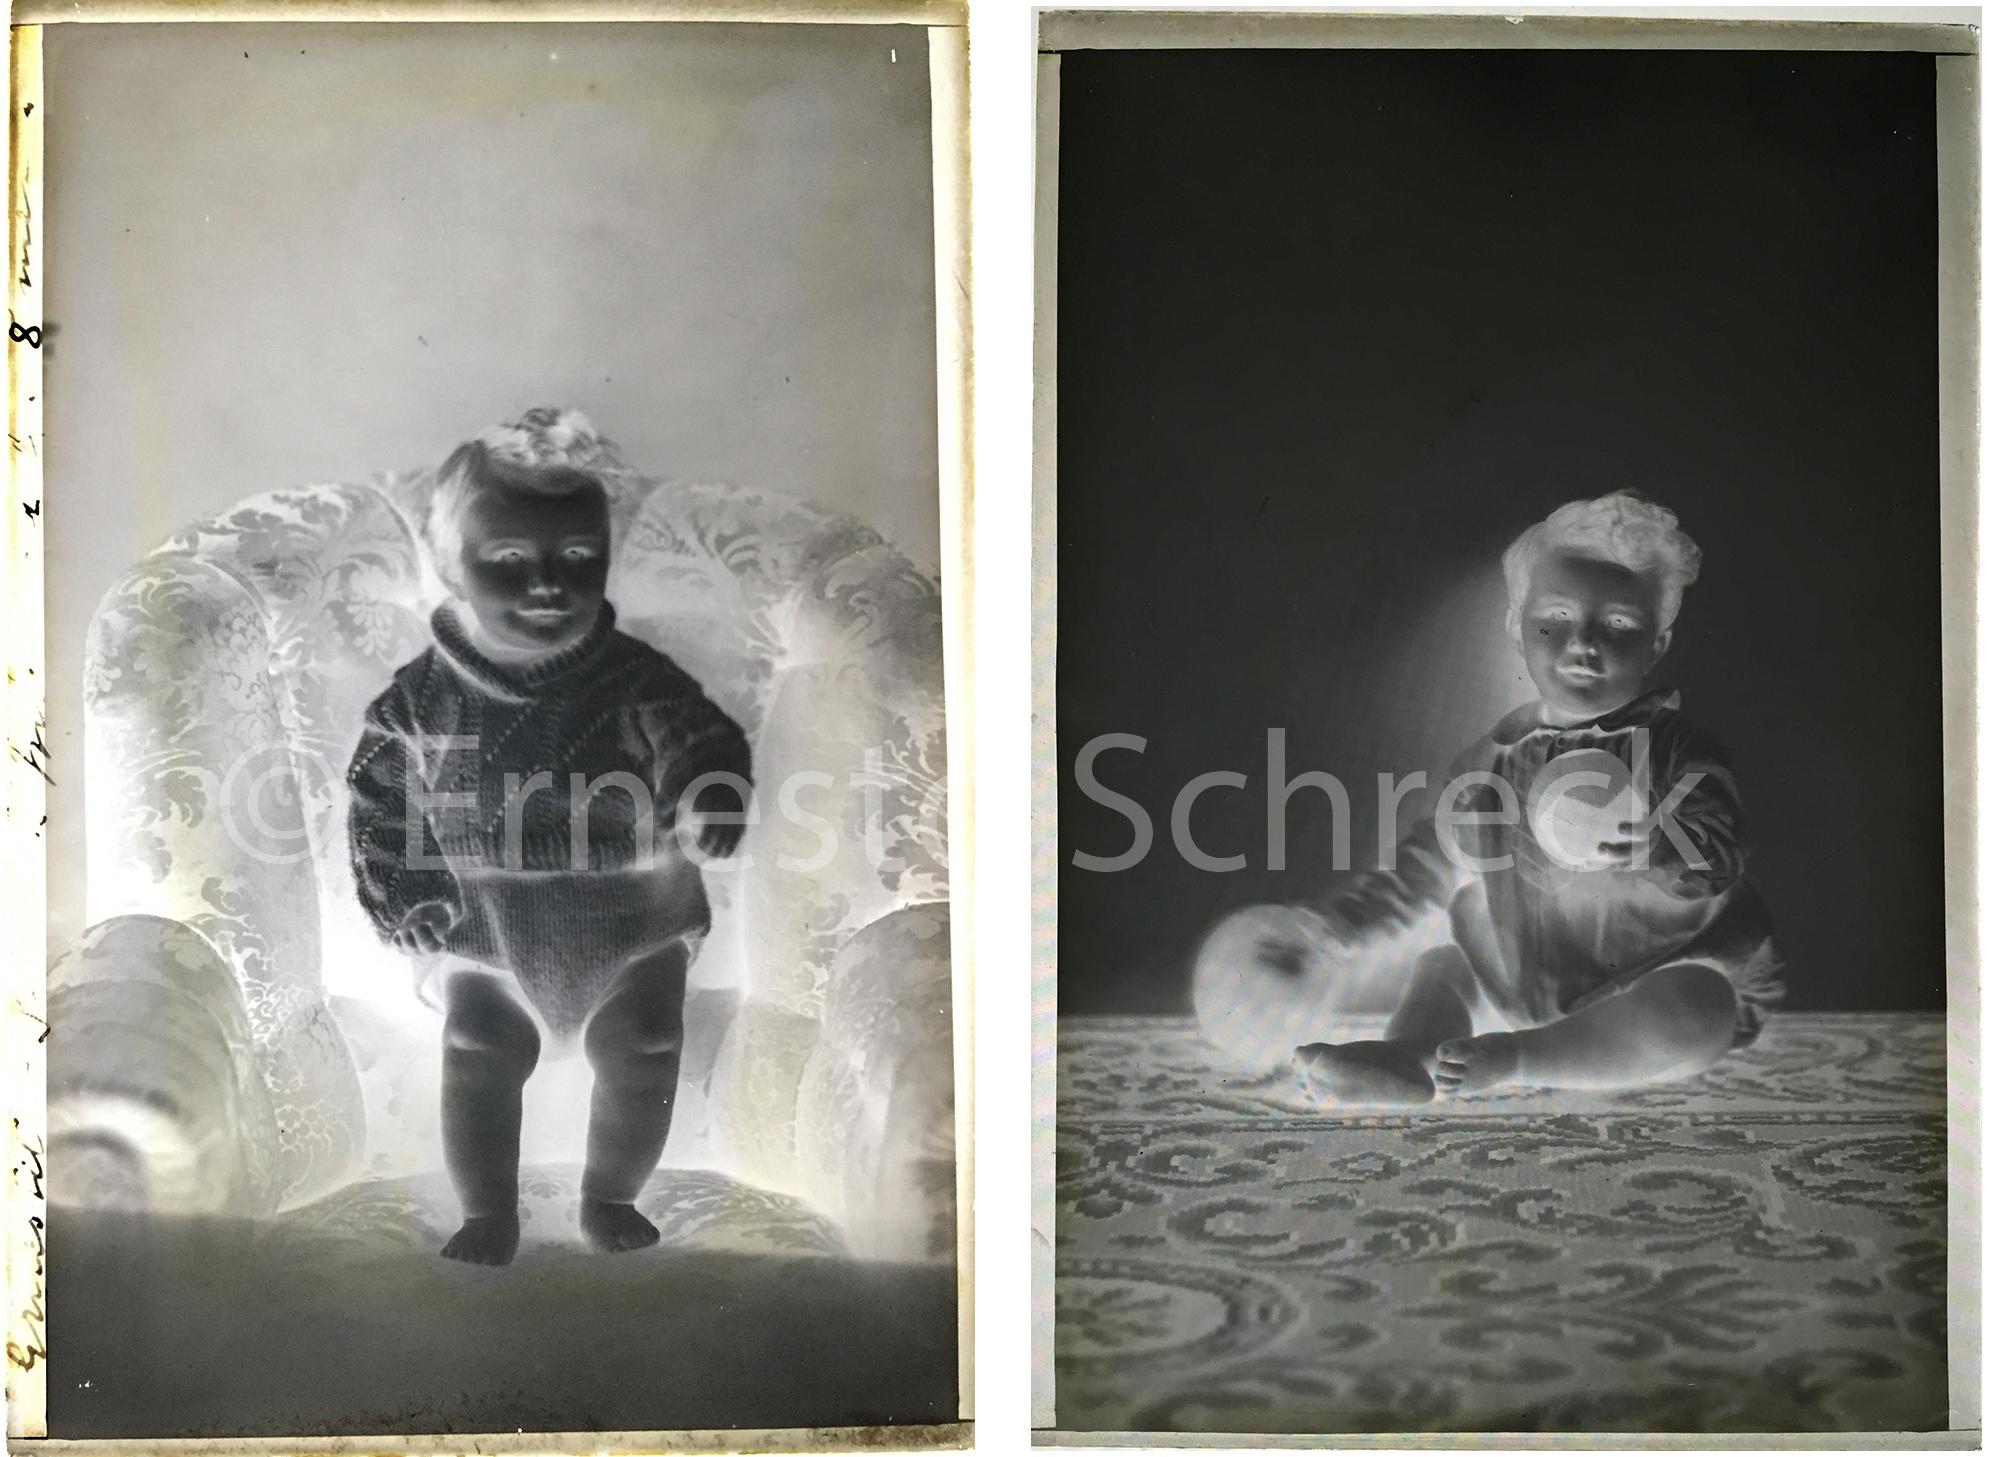 SCHRECK FOTOGRAFOS__ESTUDIO OURENSE_ARCHIVO HISTÓRICO_02